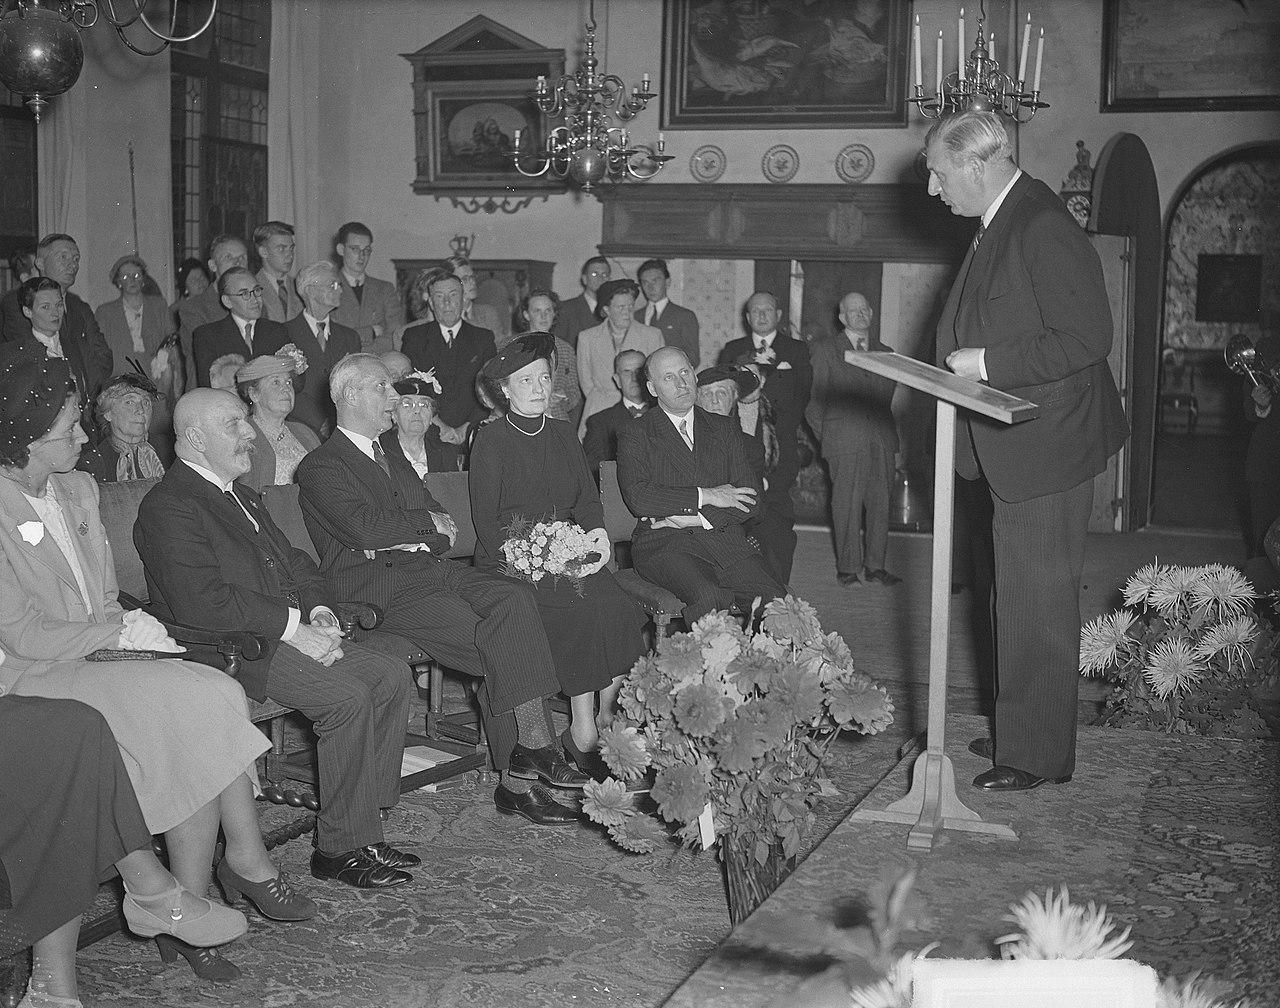 Lodewijk van Deyssel 85 jaar, toespraak Anton van Duinkerken, Bestanddeelnr 903-6217.jpg